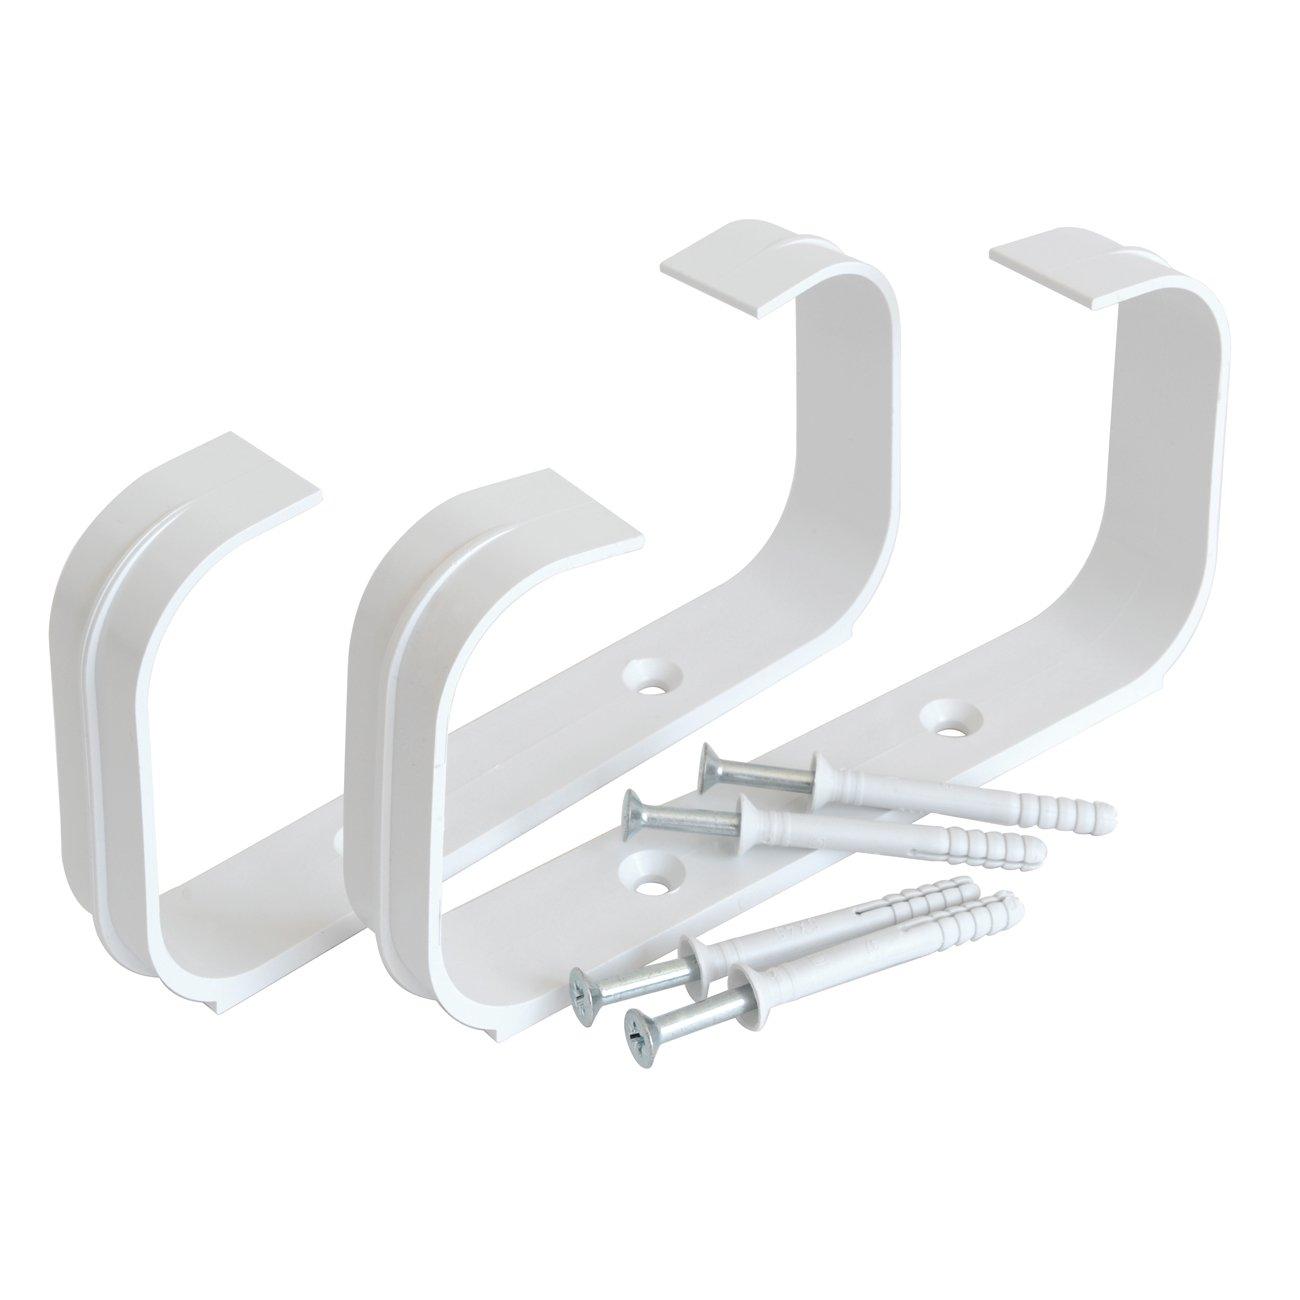 150/x 70/mm 2/soportes fermatubo con tornillos y tacos para tubo rectangular La ventilaci/ón stv2157b NR